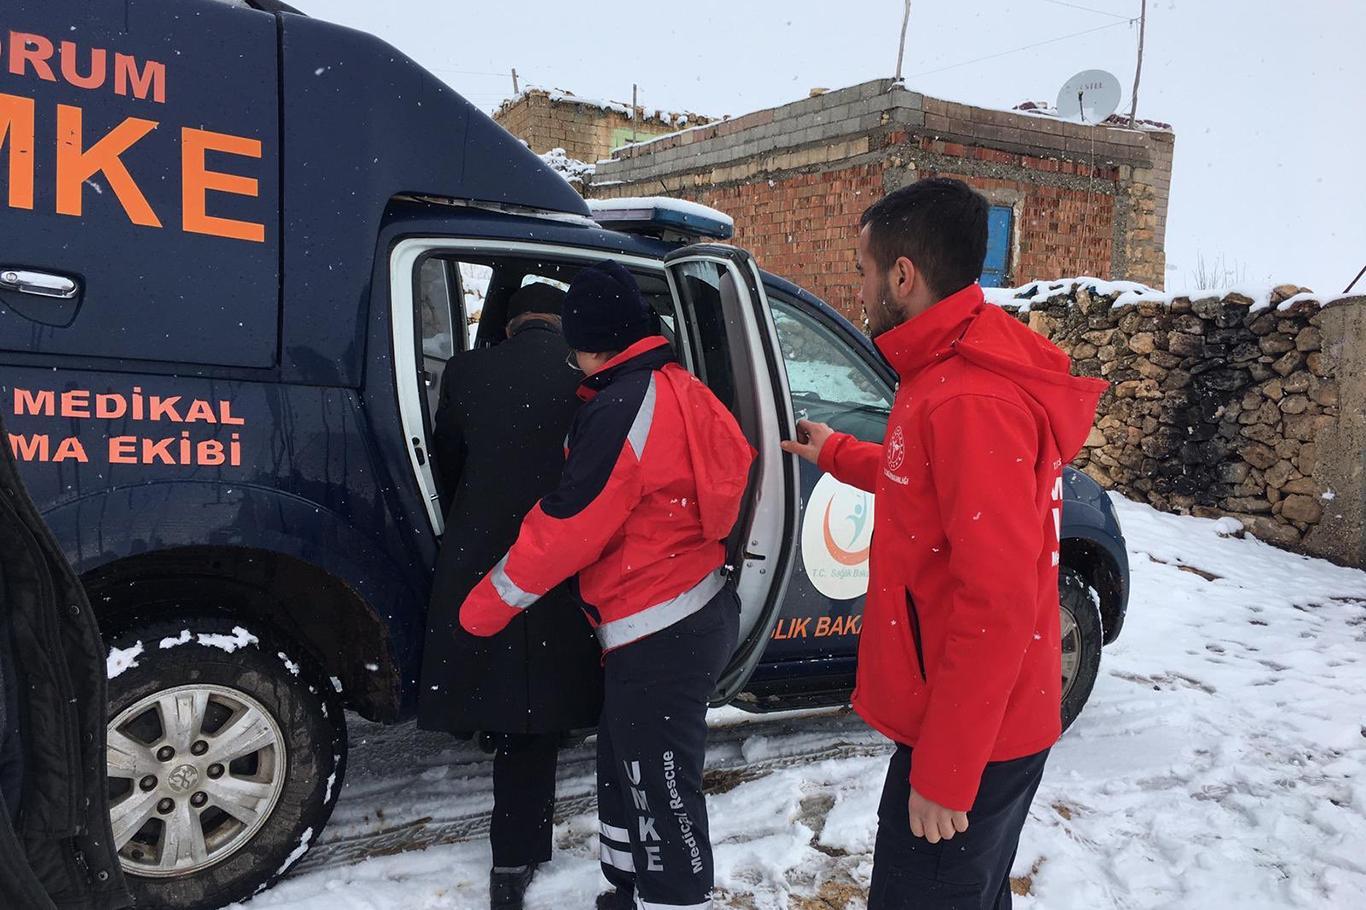 Mardin'de kardan yolları kapanan 25 hasta hastaneye ulaştırıldı